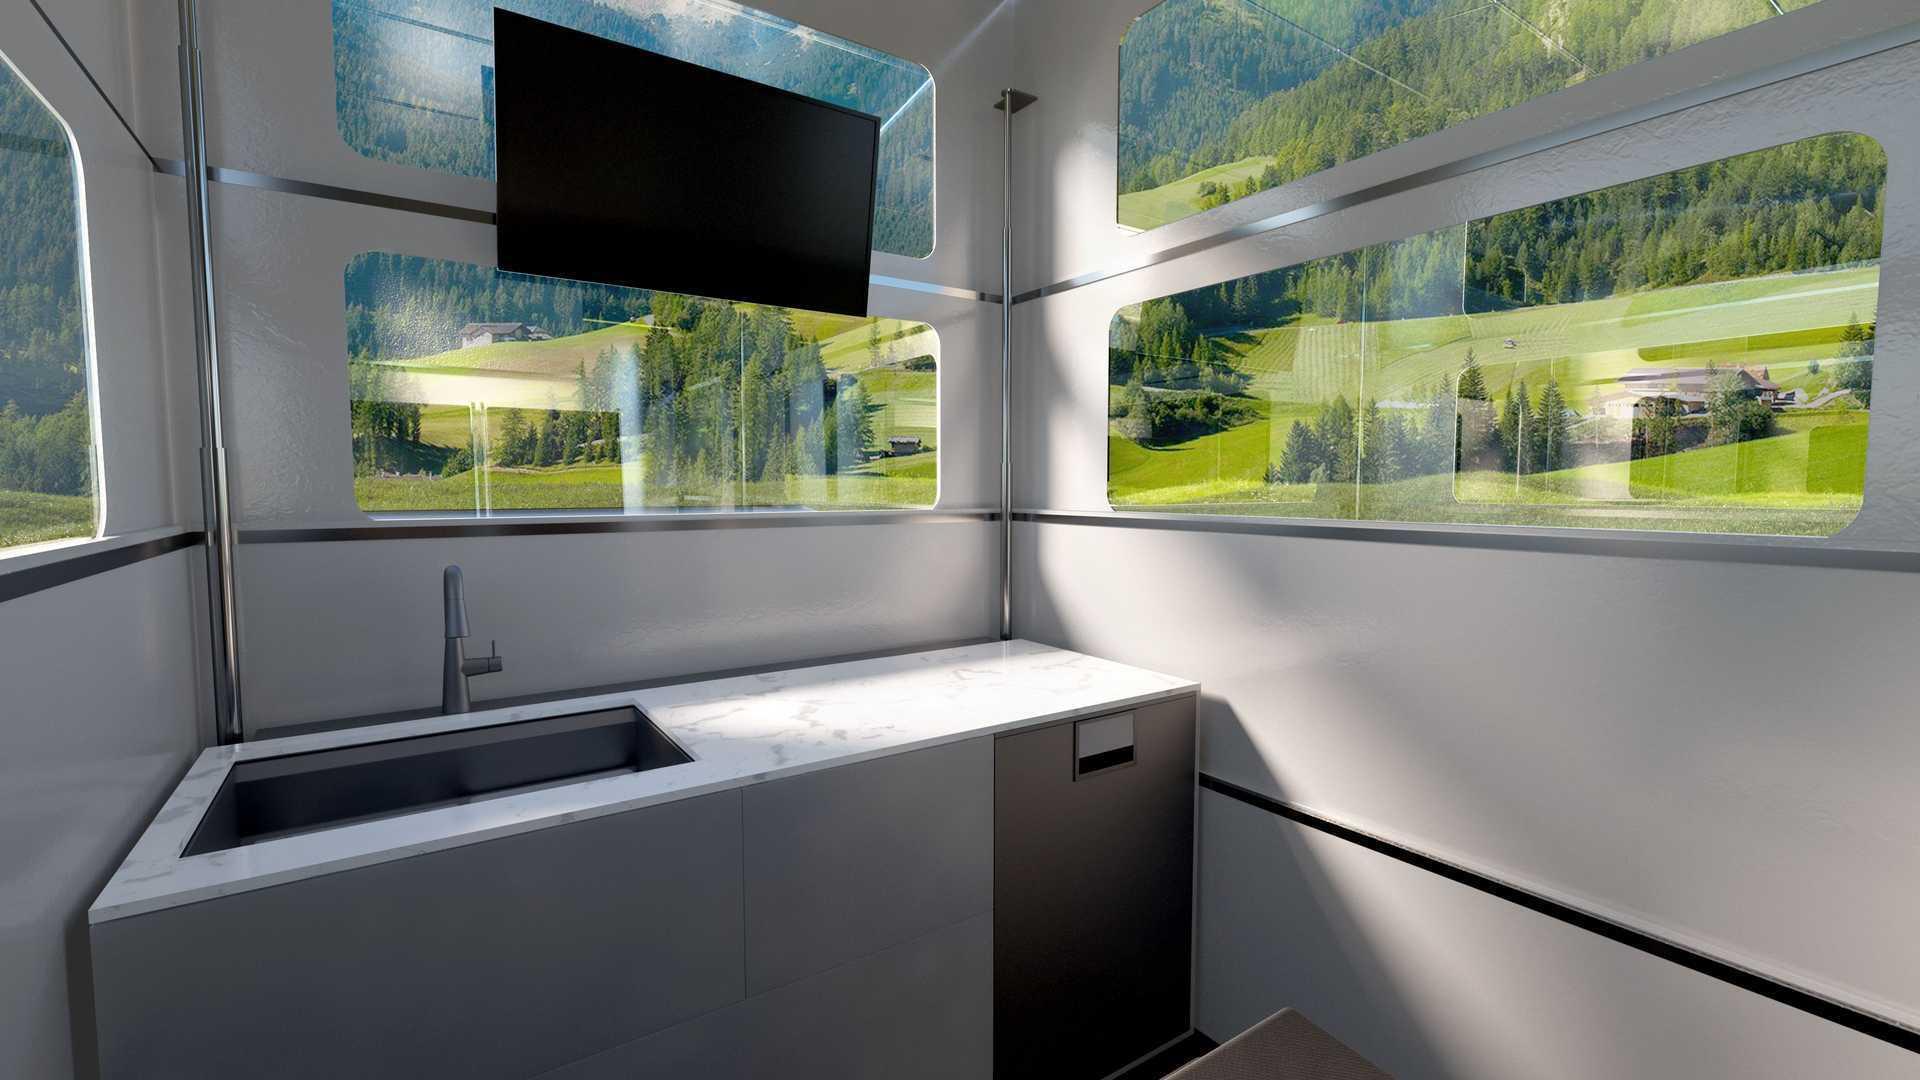 Внутри есть большая комната, которая вмещает в себя кухню, гостиную и спальню